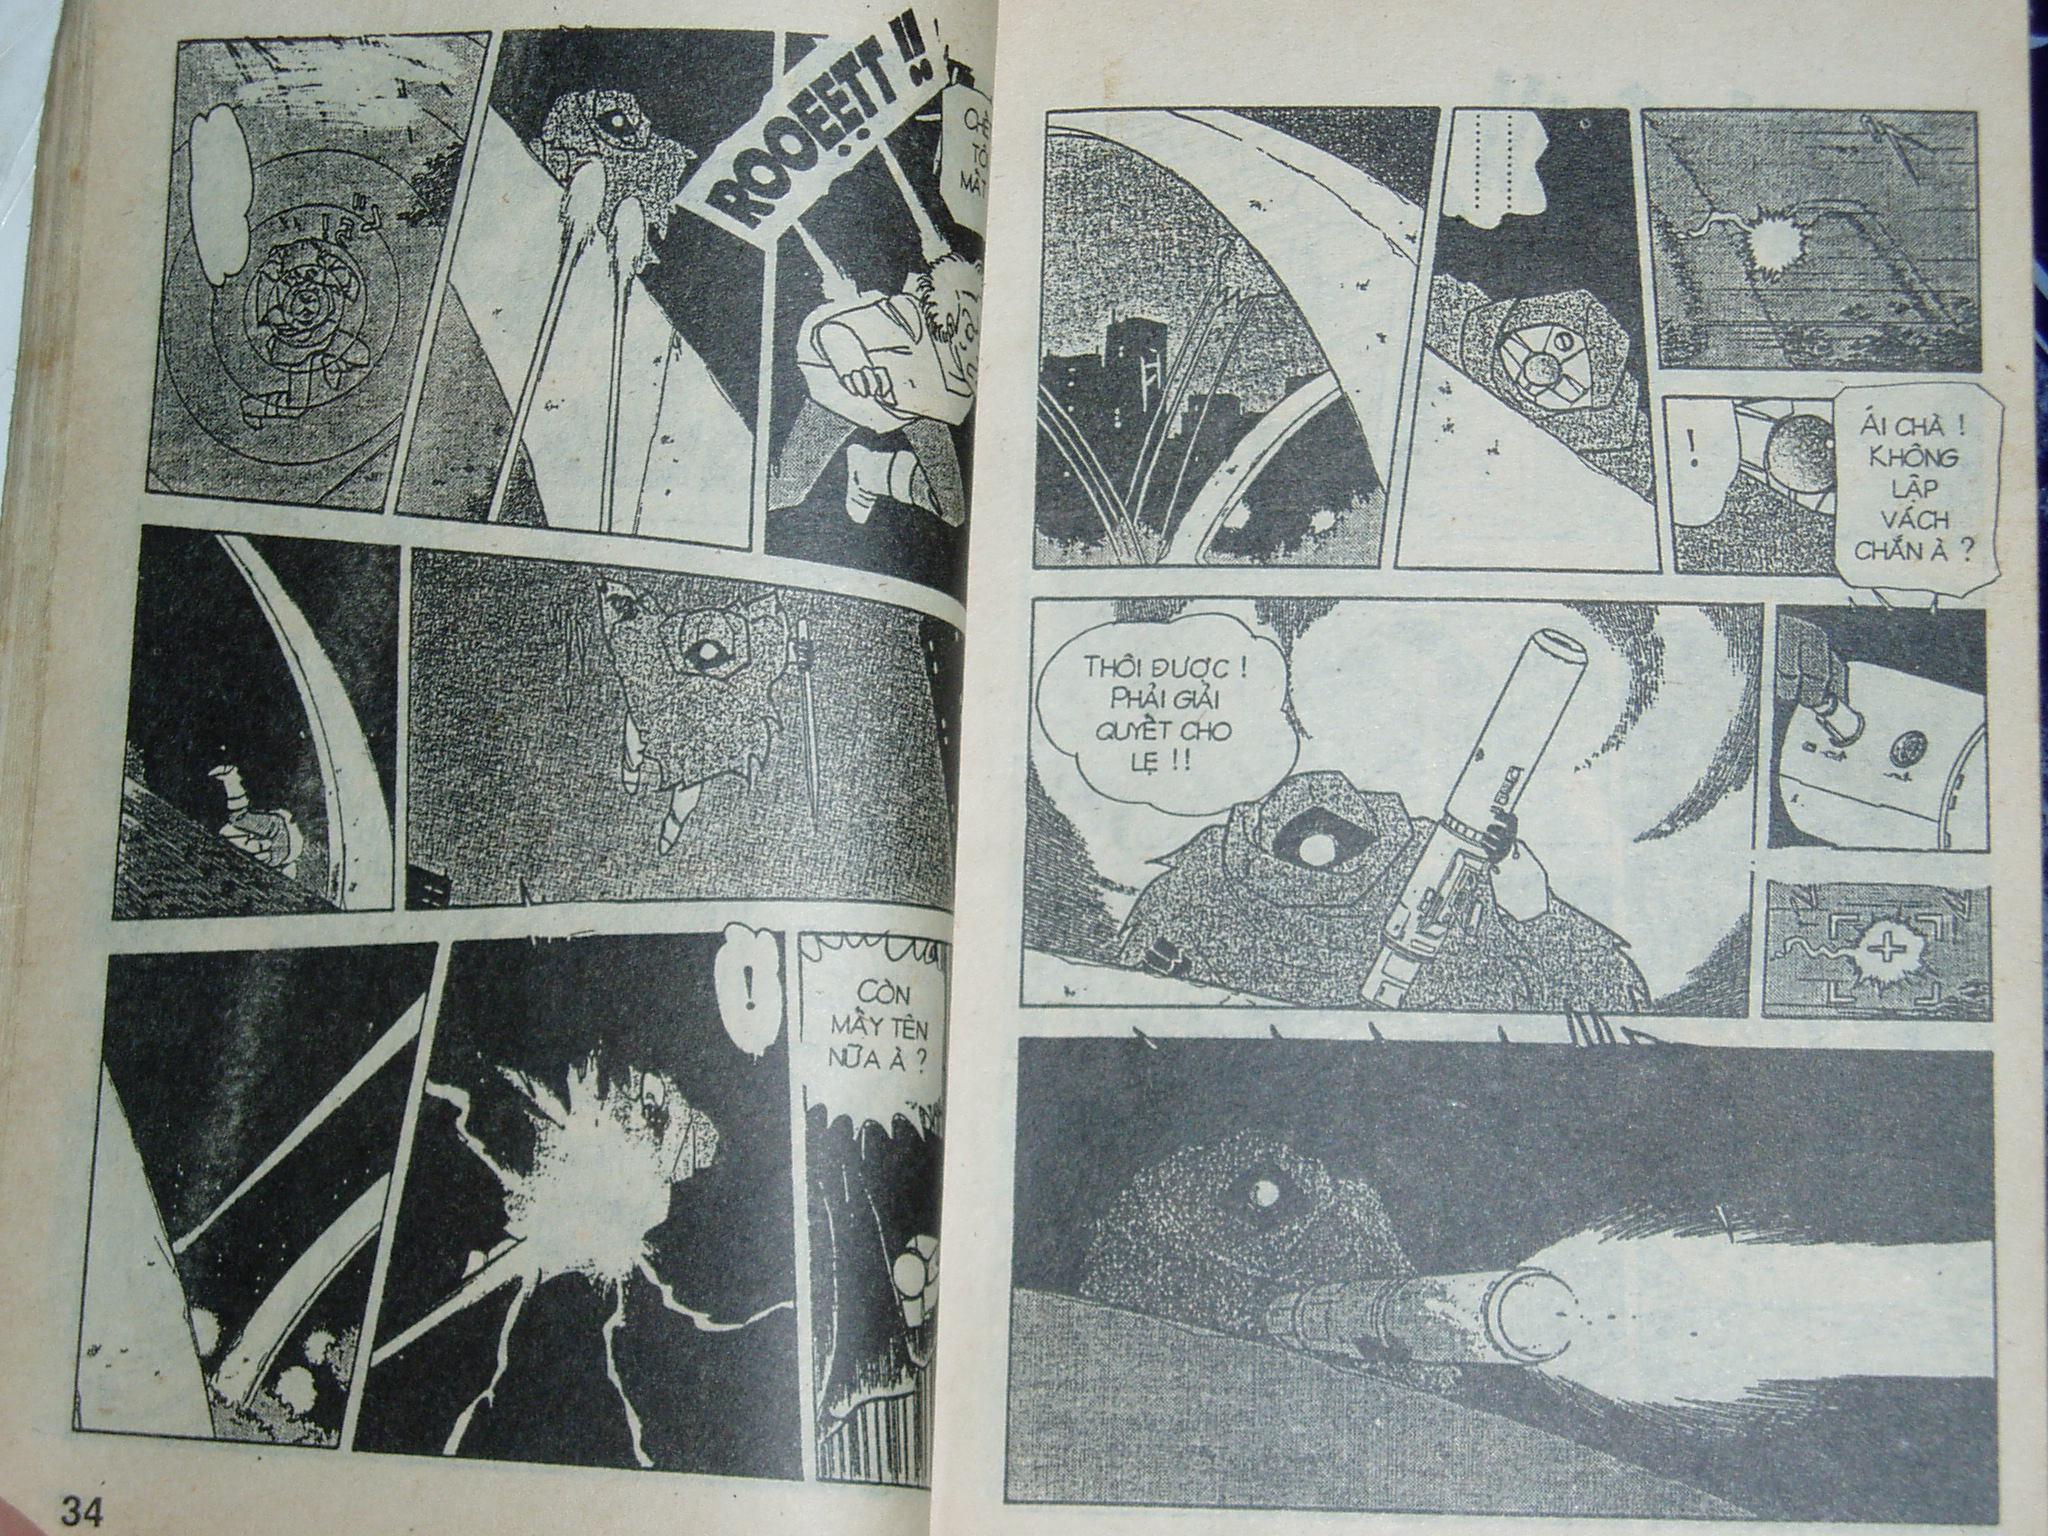 Siêu nhân Locke vol 16 trang 16